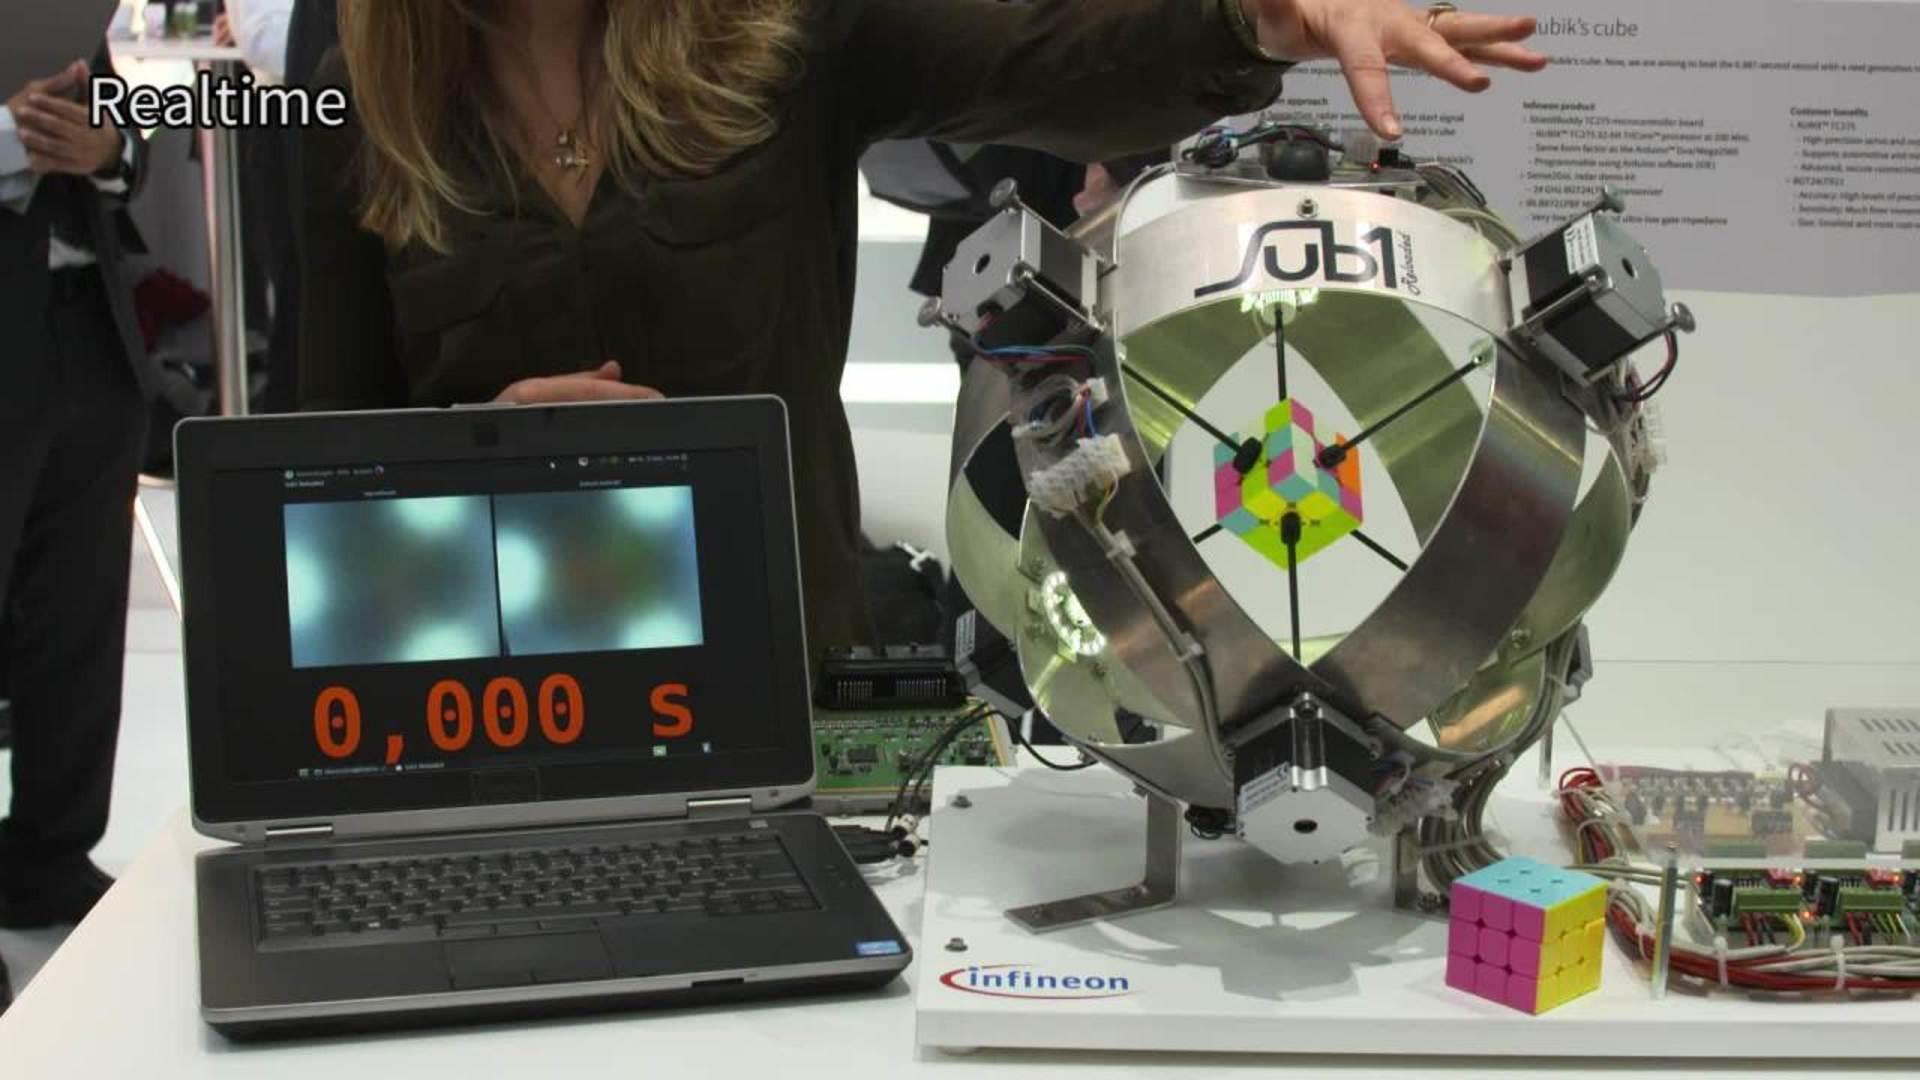 Rubik's Cube machine world record